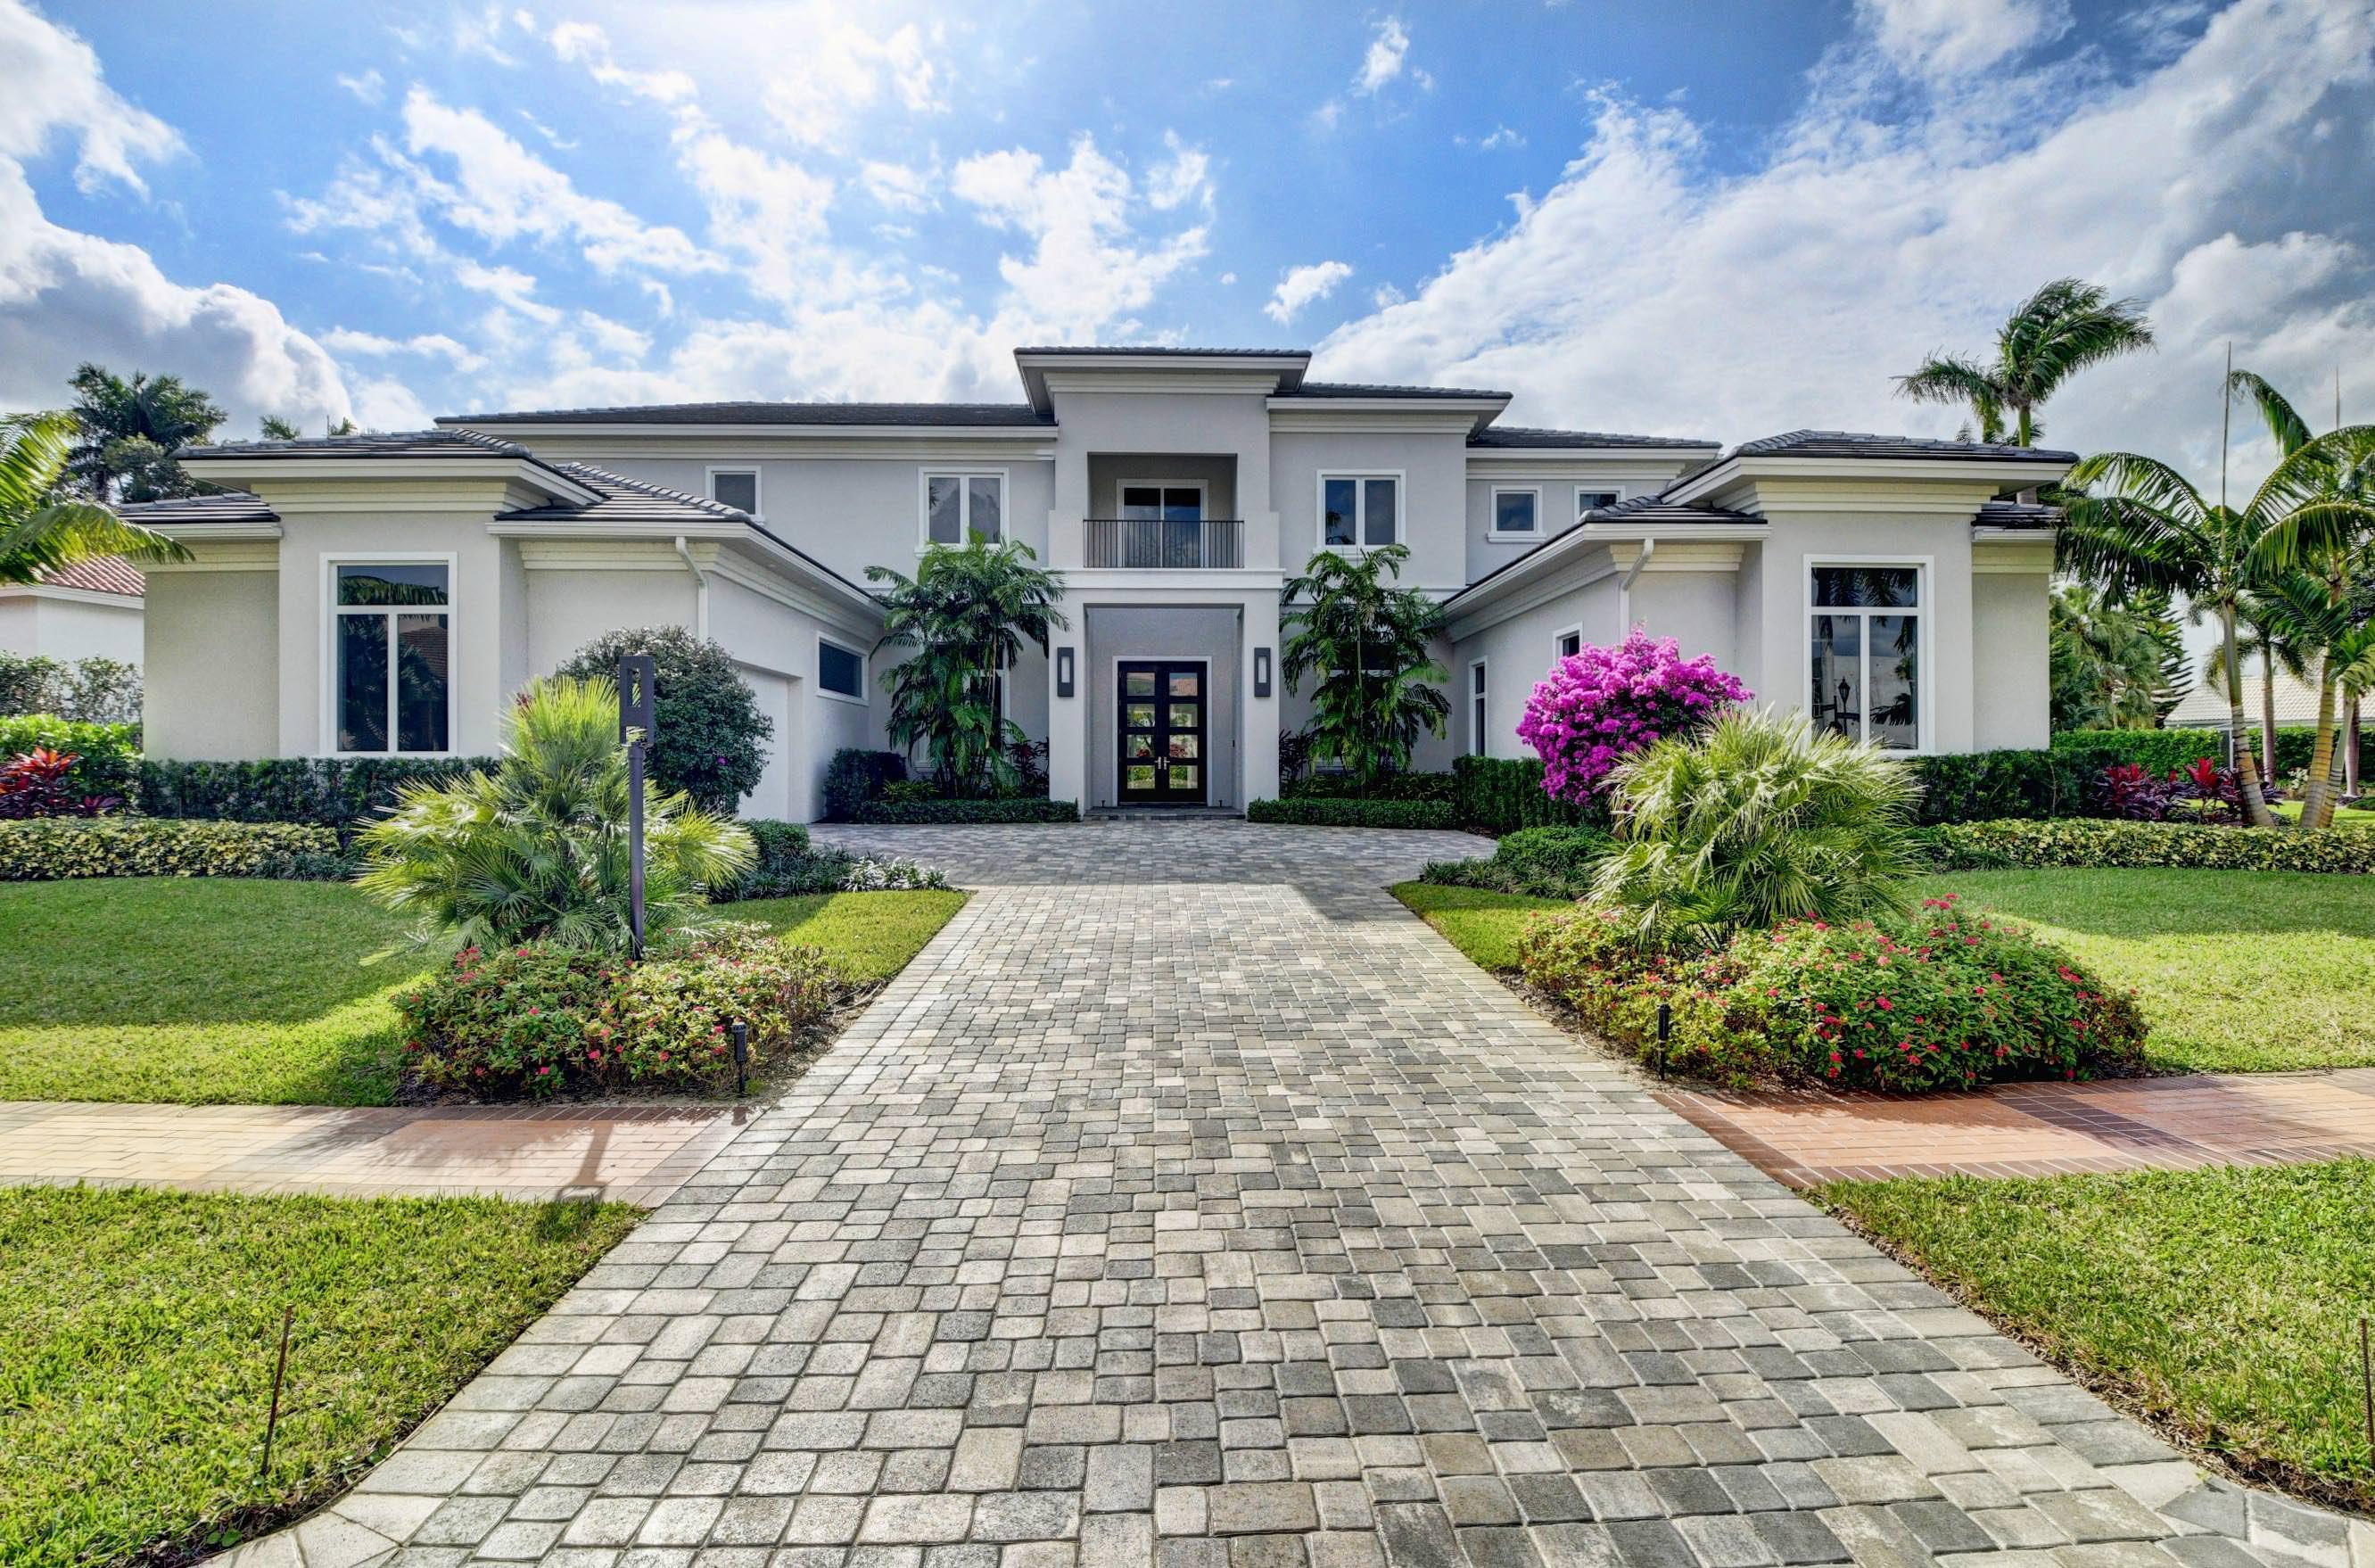 17661 Scarsdale Way Boca Raton, FL 33496